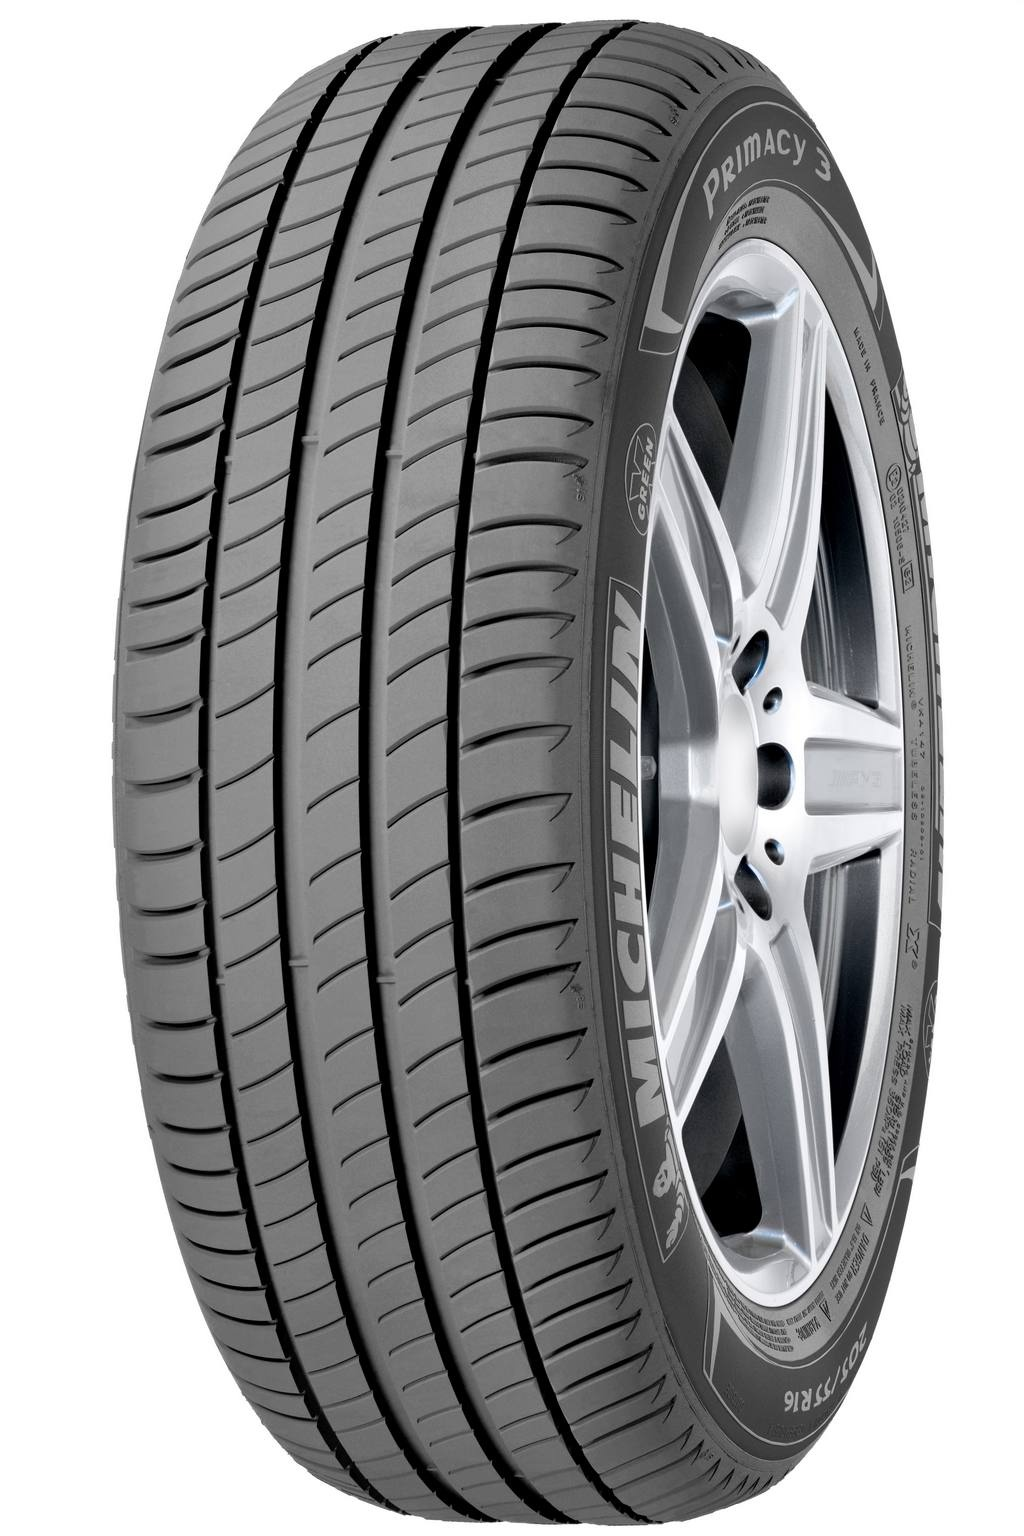 205/55R17 91W, Michelin, PRIMACY 3